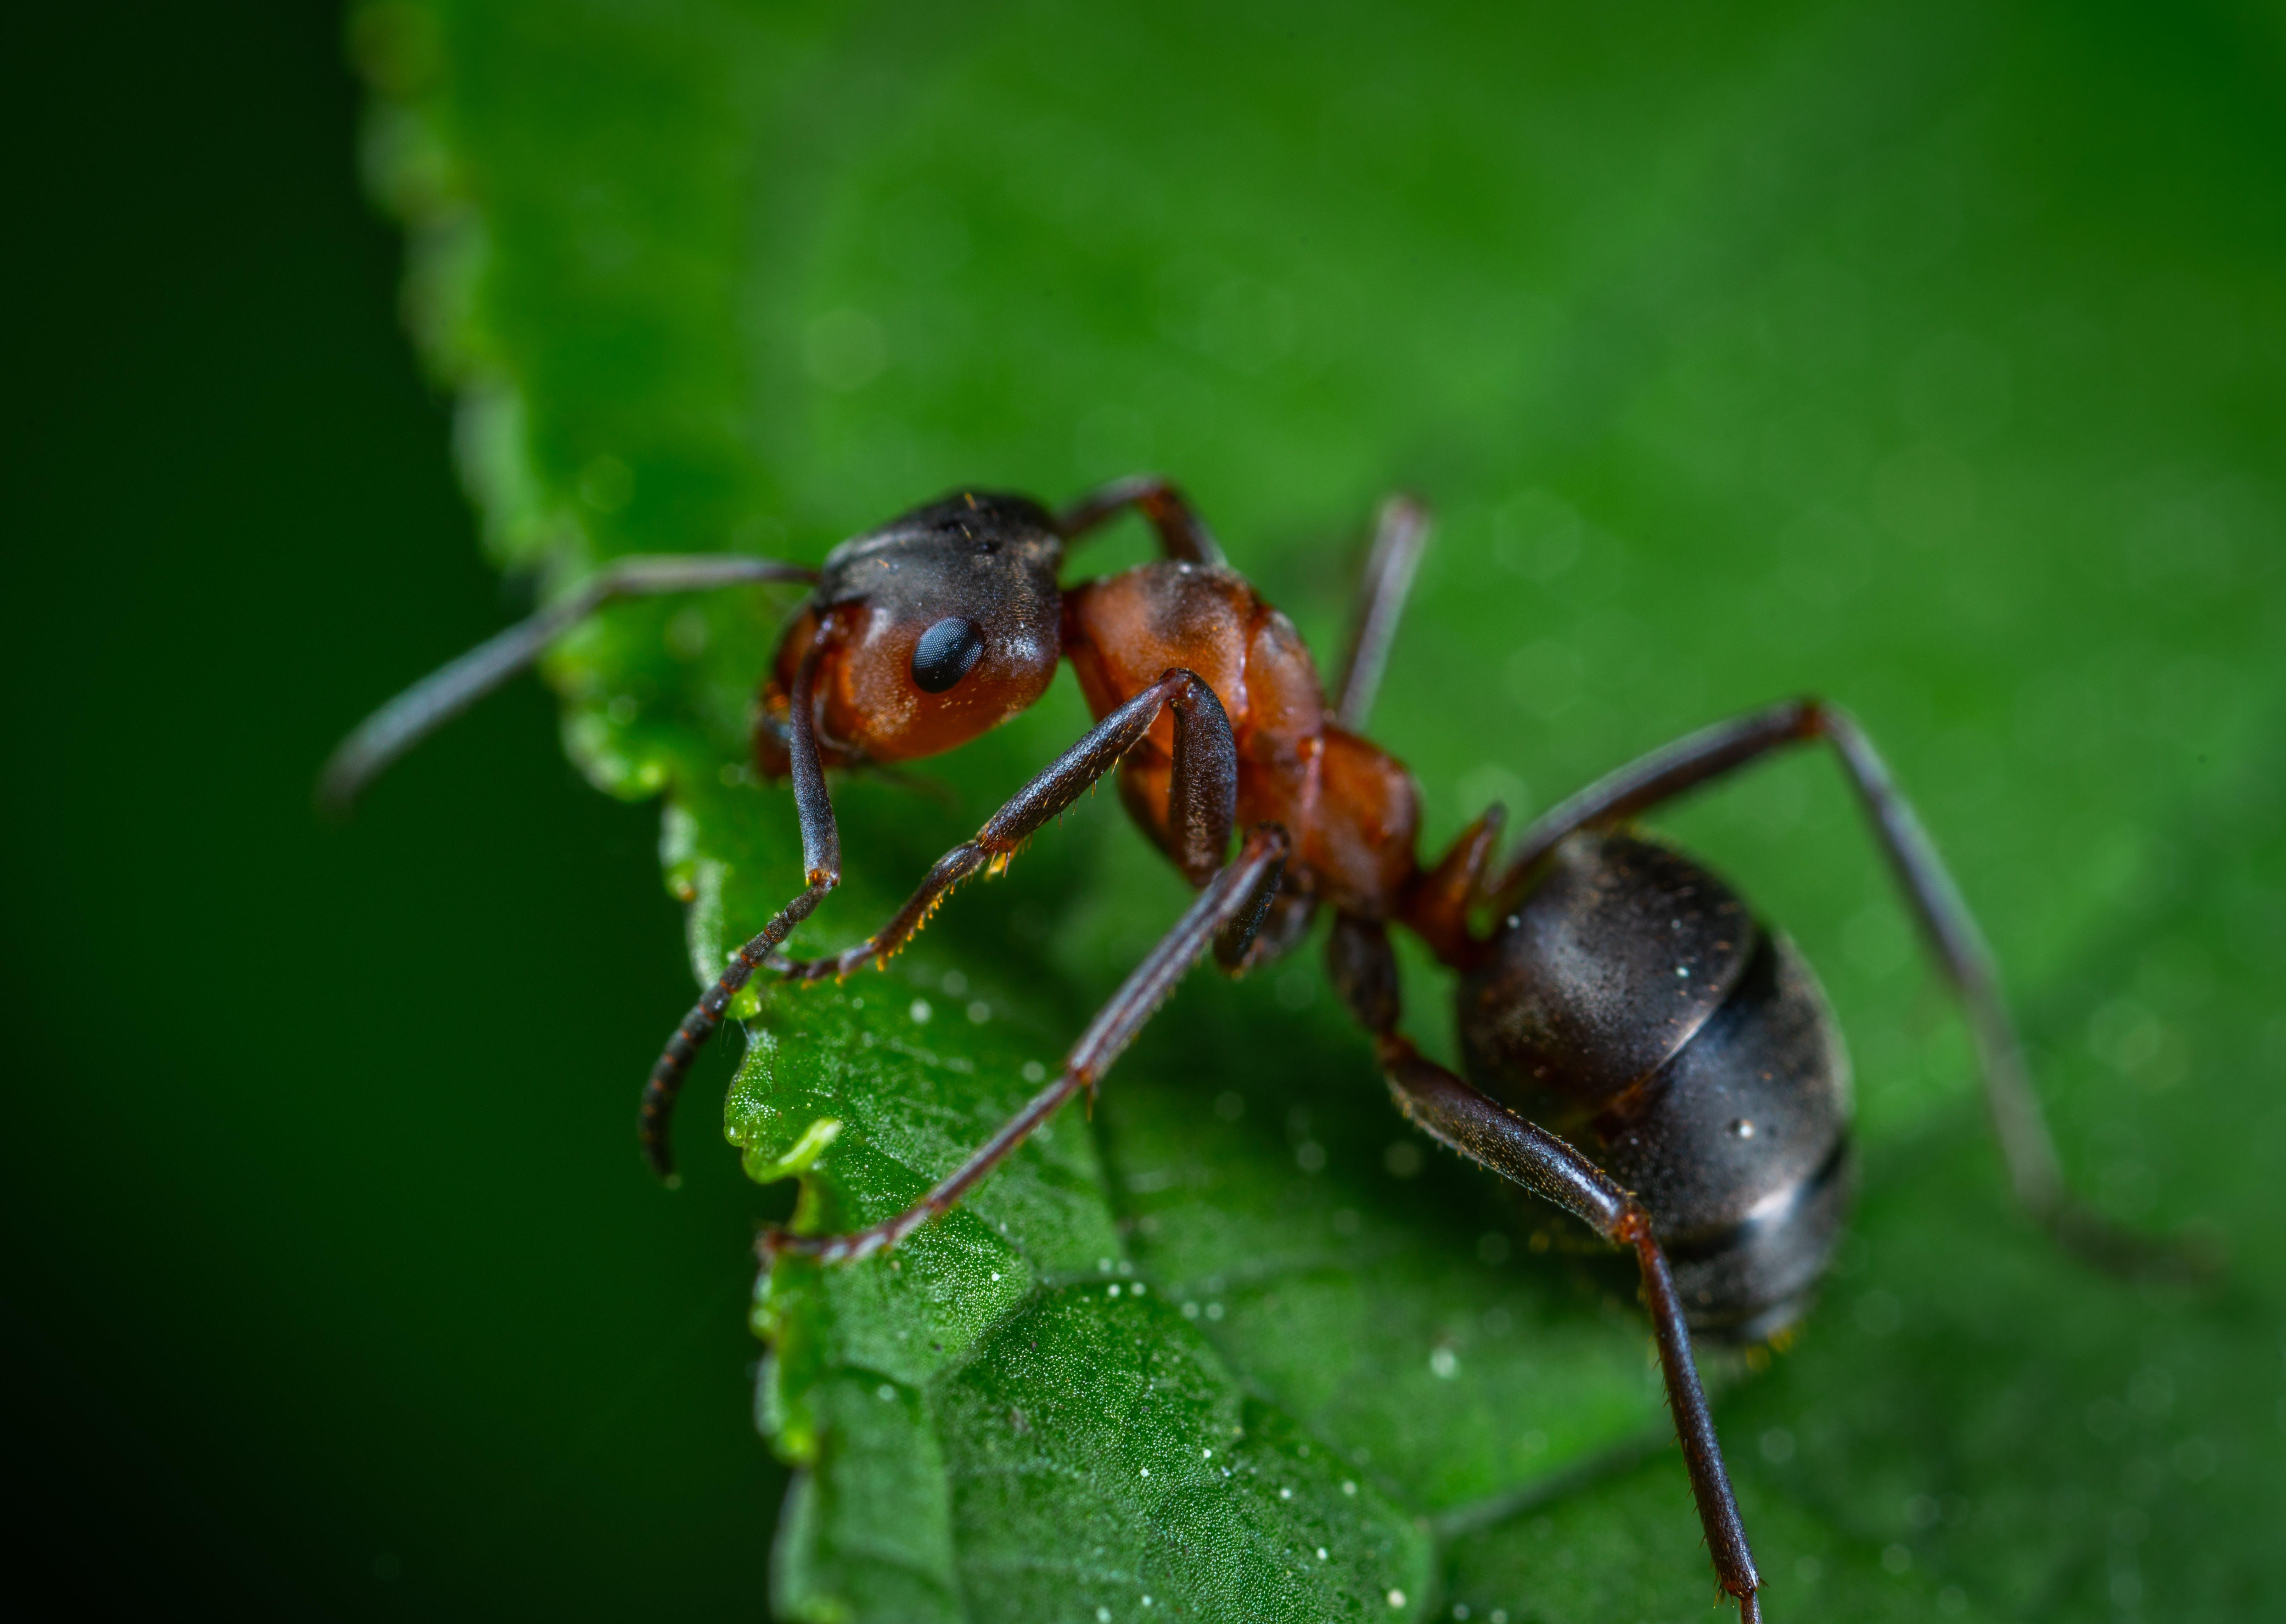 Gratis lagerfoto af insekt, makro, mikro, myre